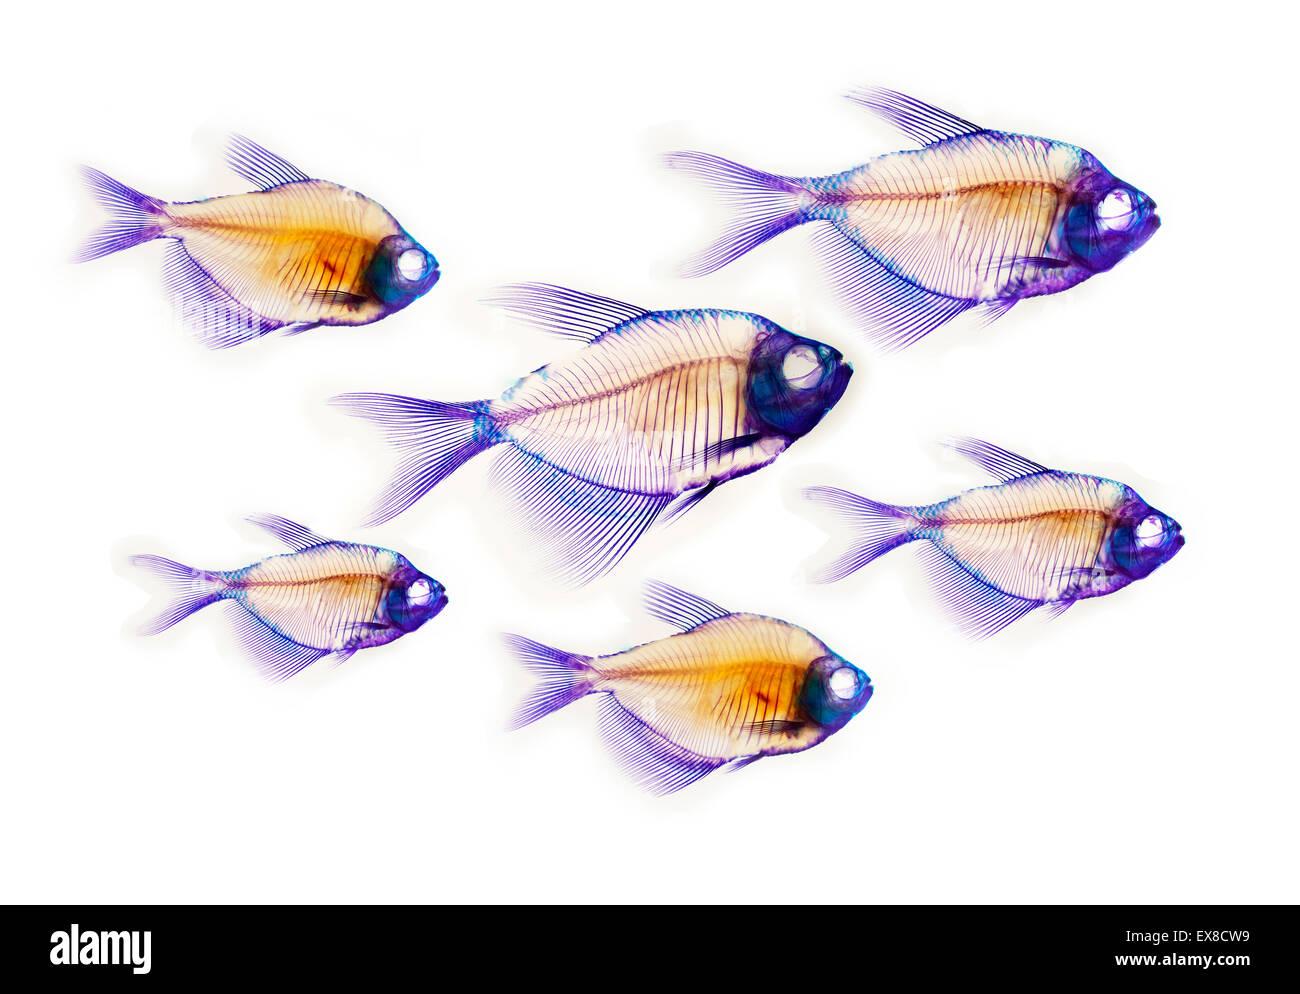 Fish Skeleton Anatomy Stock Photos & Fish Skeleton Anatomy Stock ...